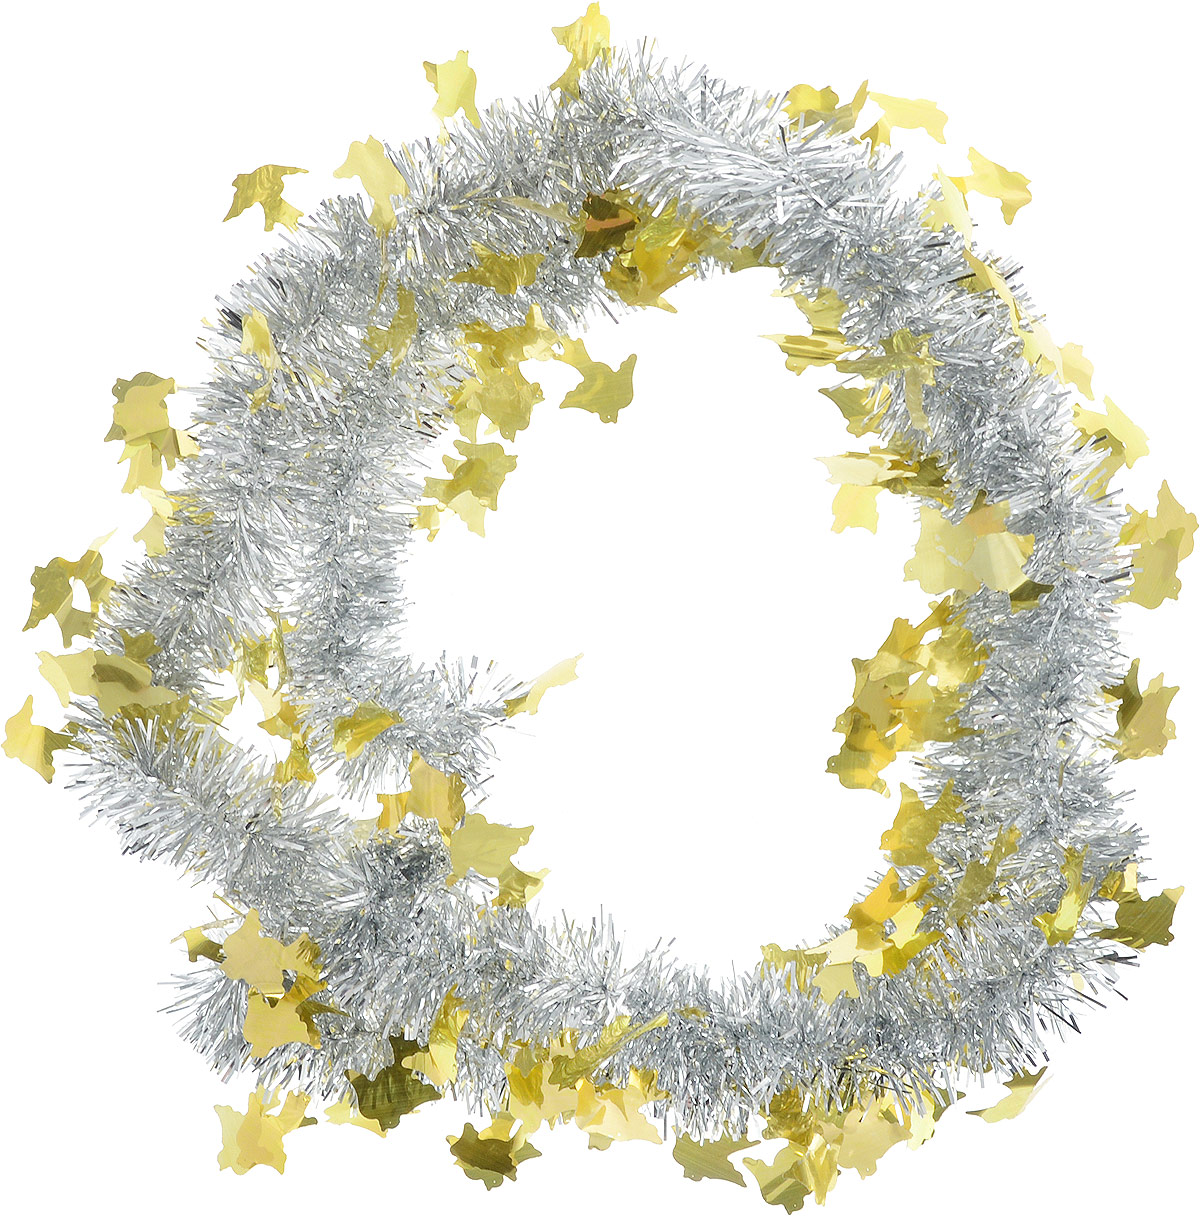 Мишура новогодняя Sima-land, цвет: серебристый, желтый, диаметр 5 см, длина 2 м. 702618702618Мишура новогодняя Sima-land, выполненная из фольги, поможет вам украсить свой дом к предстоящим праздникам. Мишура армирована, то есть имеет проволоку внутри и способна сохранять приданную ей форму. Новогодняя елка с таким украшением станет еще наряднее. Новогодней мишурой можно украсить все, что угодно - елку, квартиру, дачу, офис - как внутри, так и снаружи. Можно сложить новогодние поздравления, буквы и цифры, мишурой можно украсить и дополнить гирлянды, можно выделить дверные колонны, оплести дверные проемы.